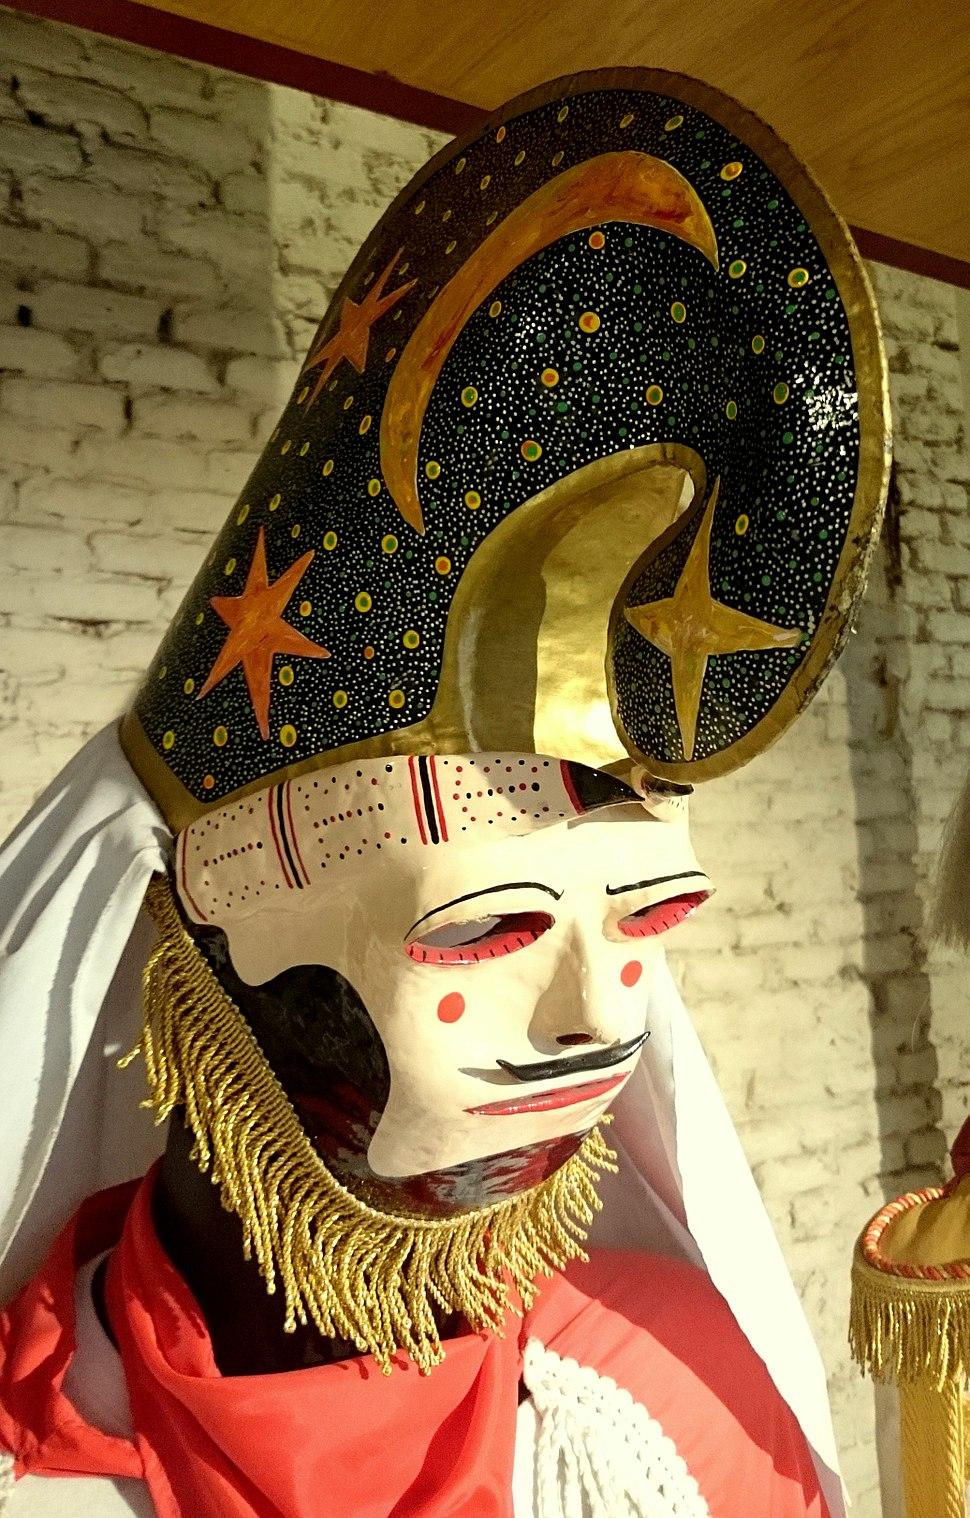 Máscara de pantalla del carnaval de Xinzo de Limia (Ourense) en el Museo de Artes y Tradiciones Populares (15 de julio de 2016, Madrid)